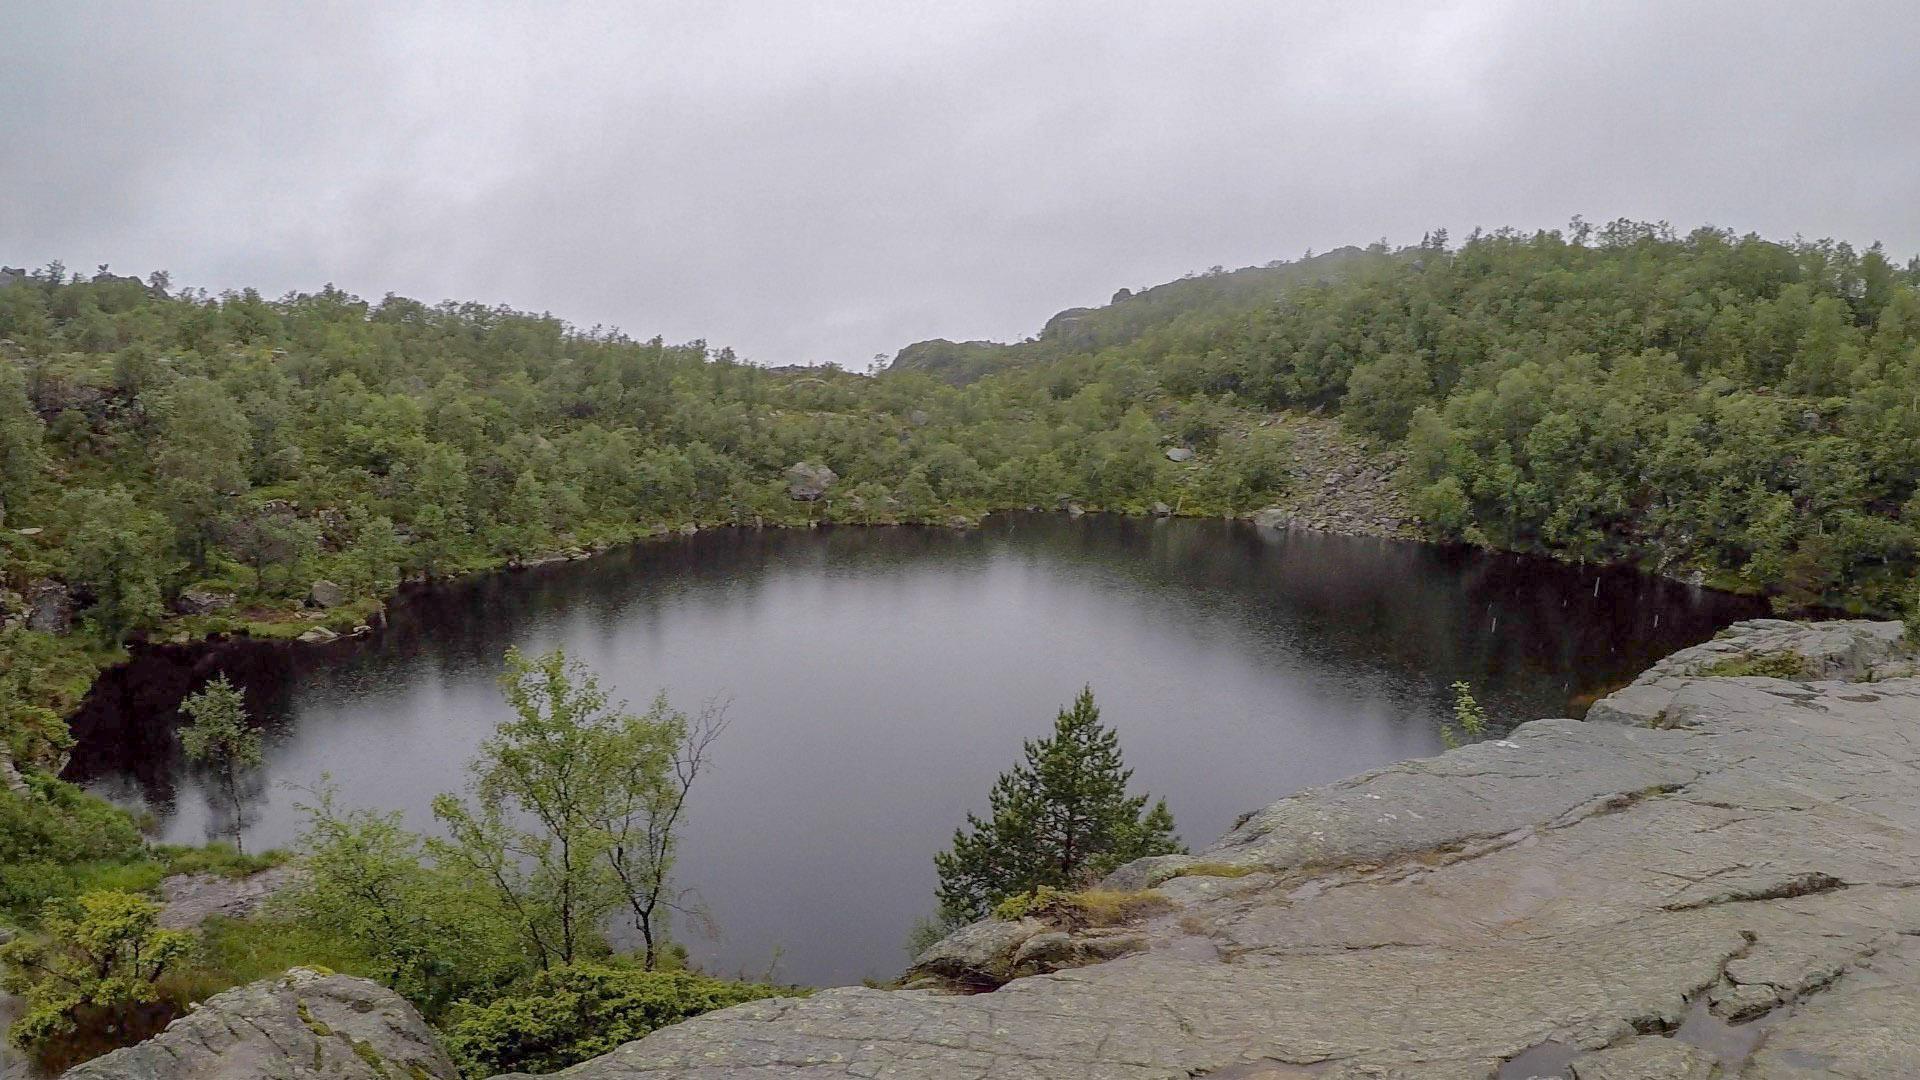 經過這個天然湖泊時還笑稱是當天下雨貯成的。天晴的時候映著藍天該也很美吧?